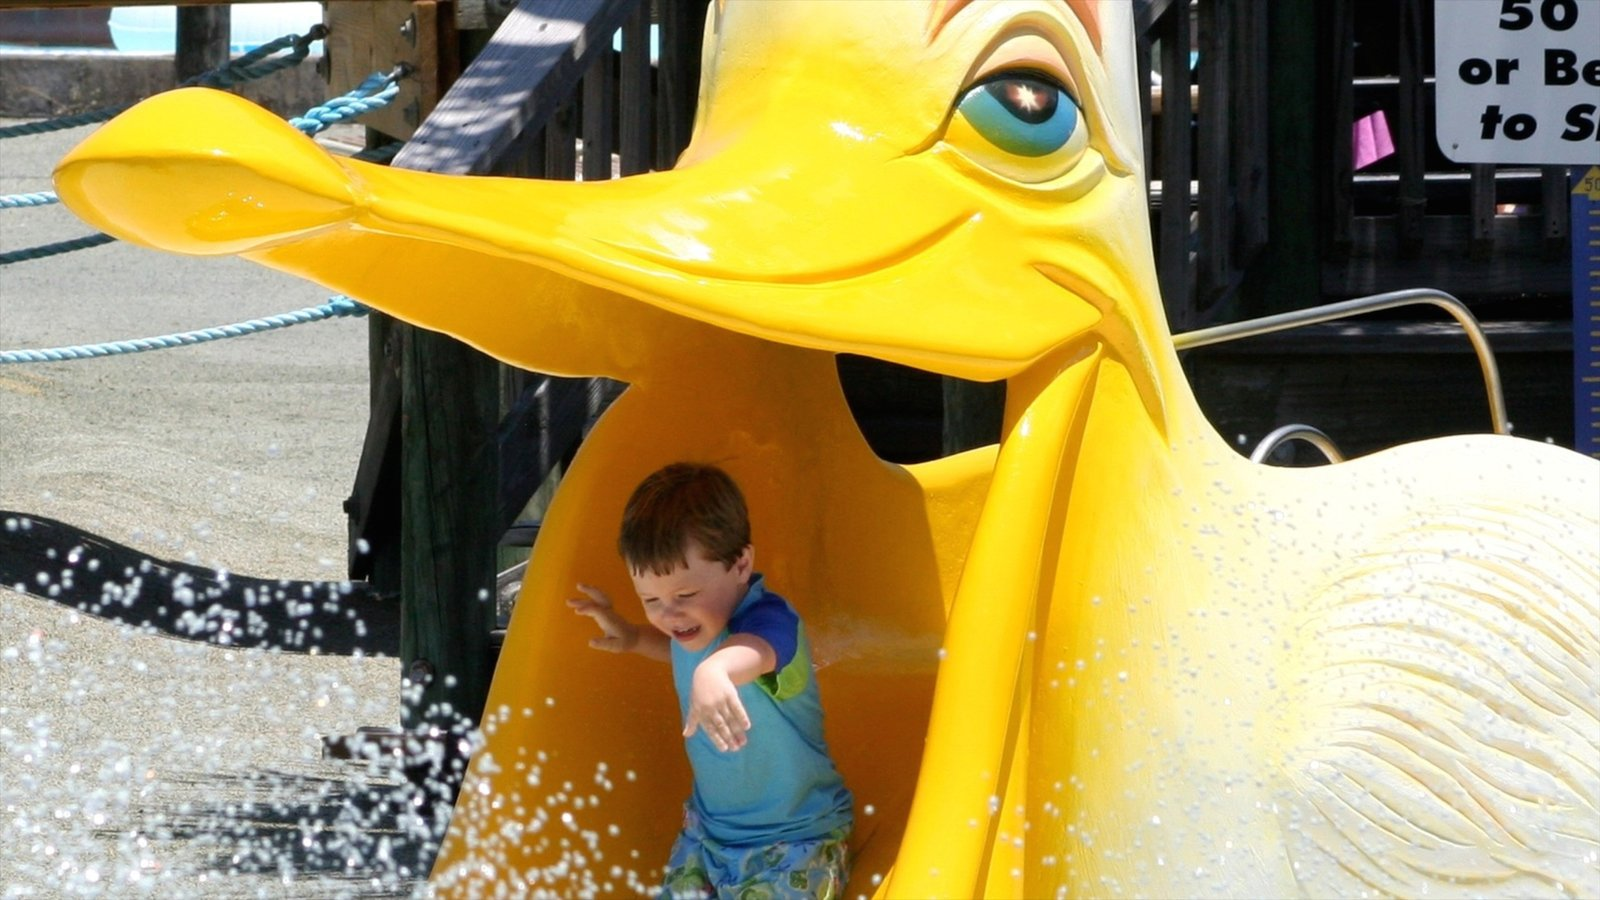 Shipwreck Island Waterpark caracterizando um parque aquático assim como uma criança sozinha